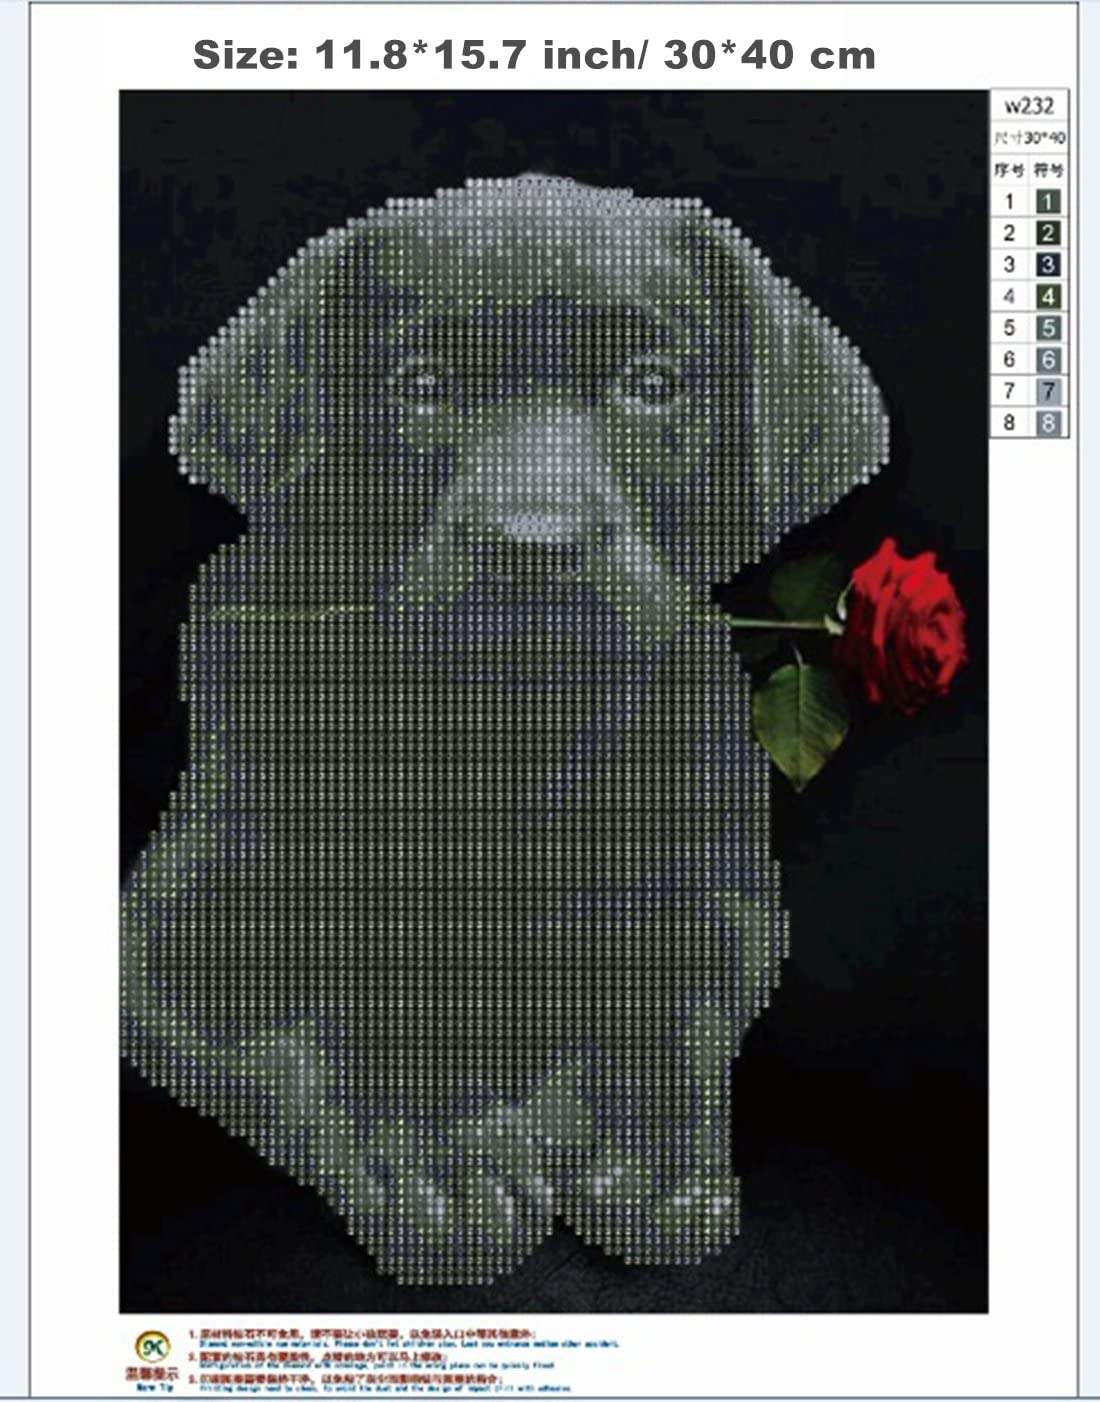 Square diamond diy art Kit per pittura a mosaico 5D dimensioni: 35 x 25 cm kit per ricamo a punto croce pittura diamante quadrato con perline fai da te motivo: cani e famiglia